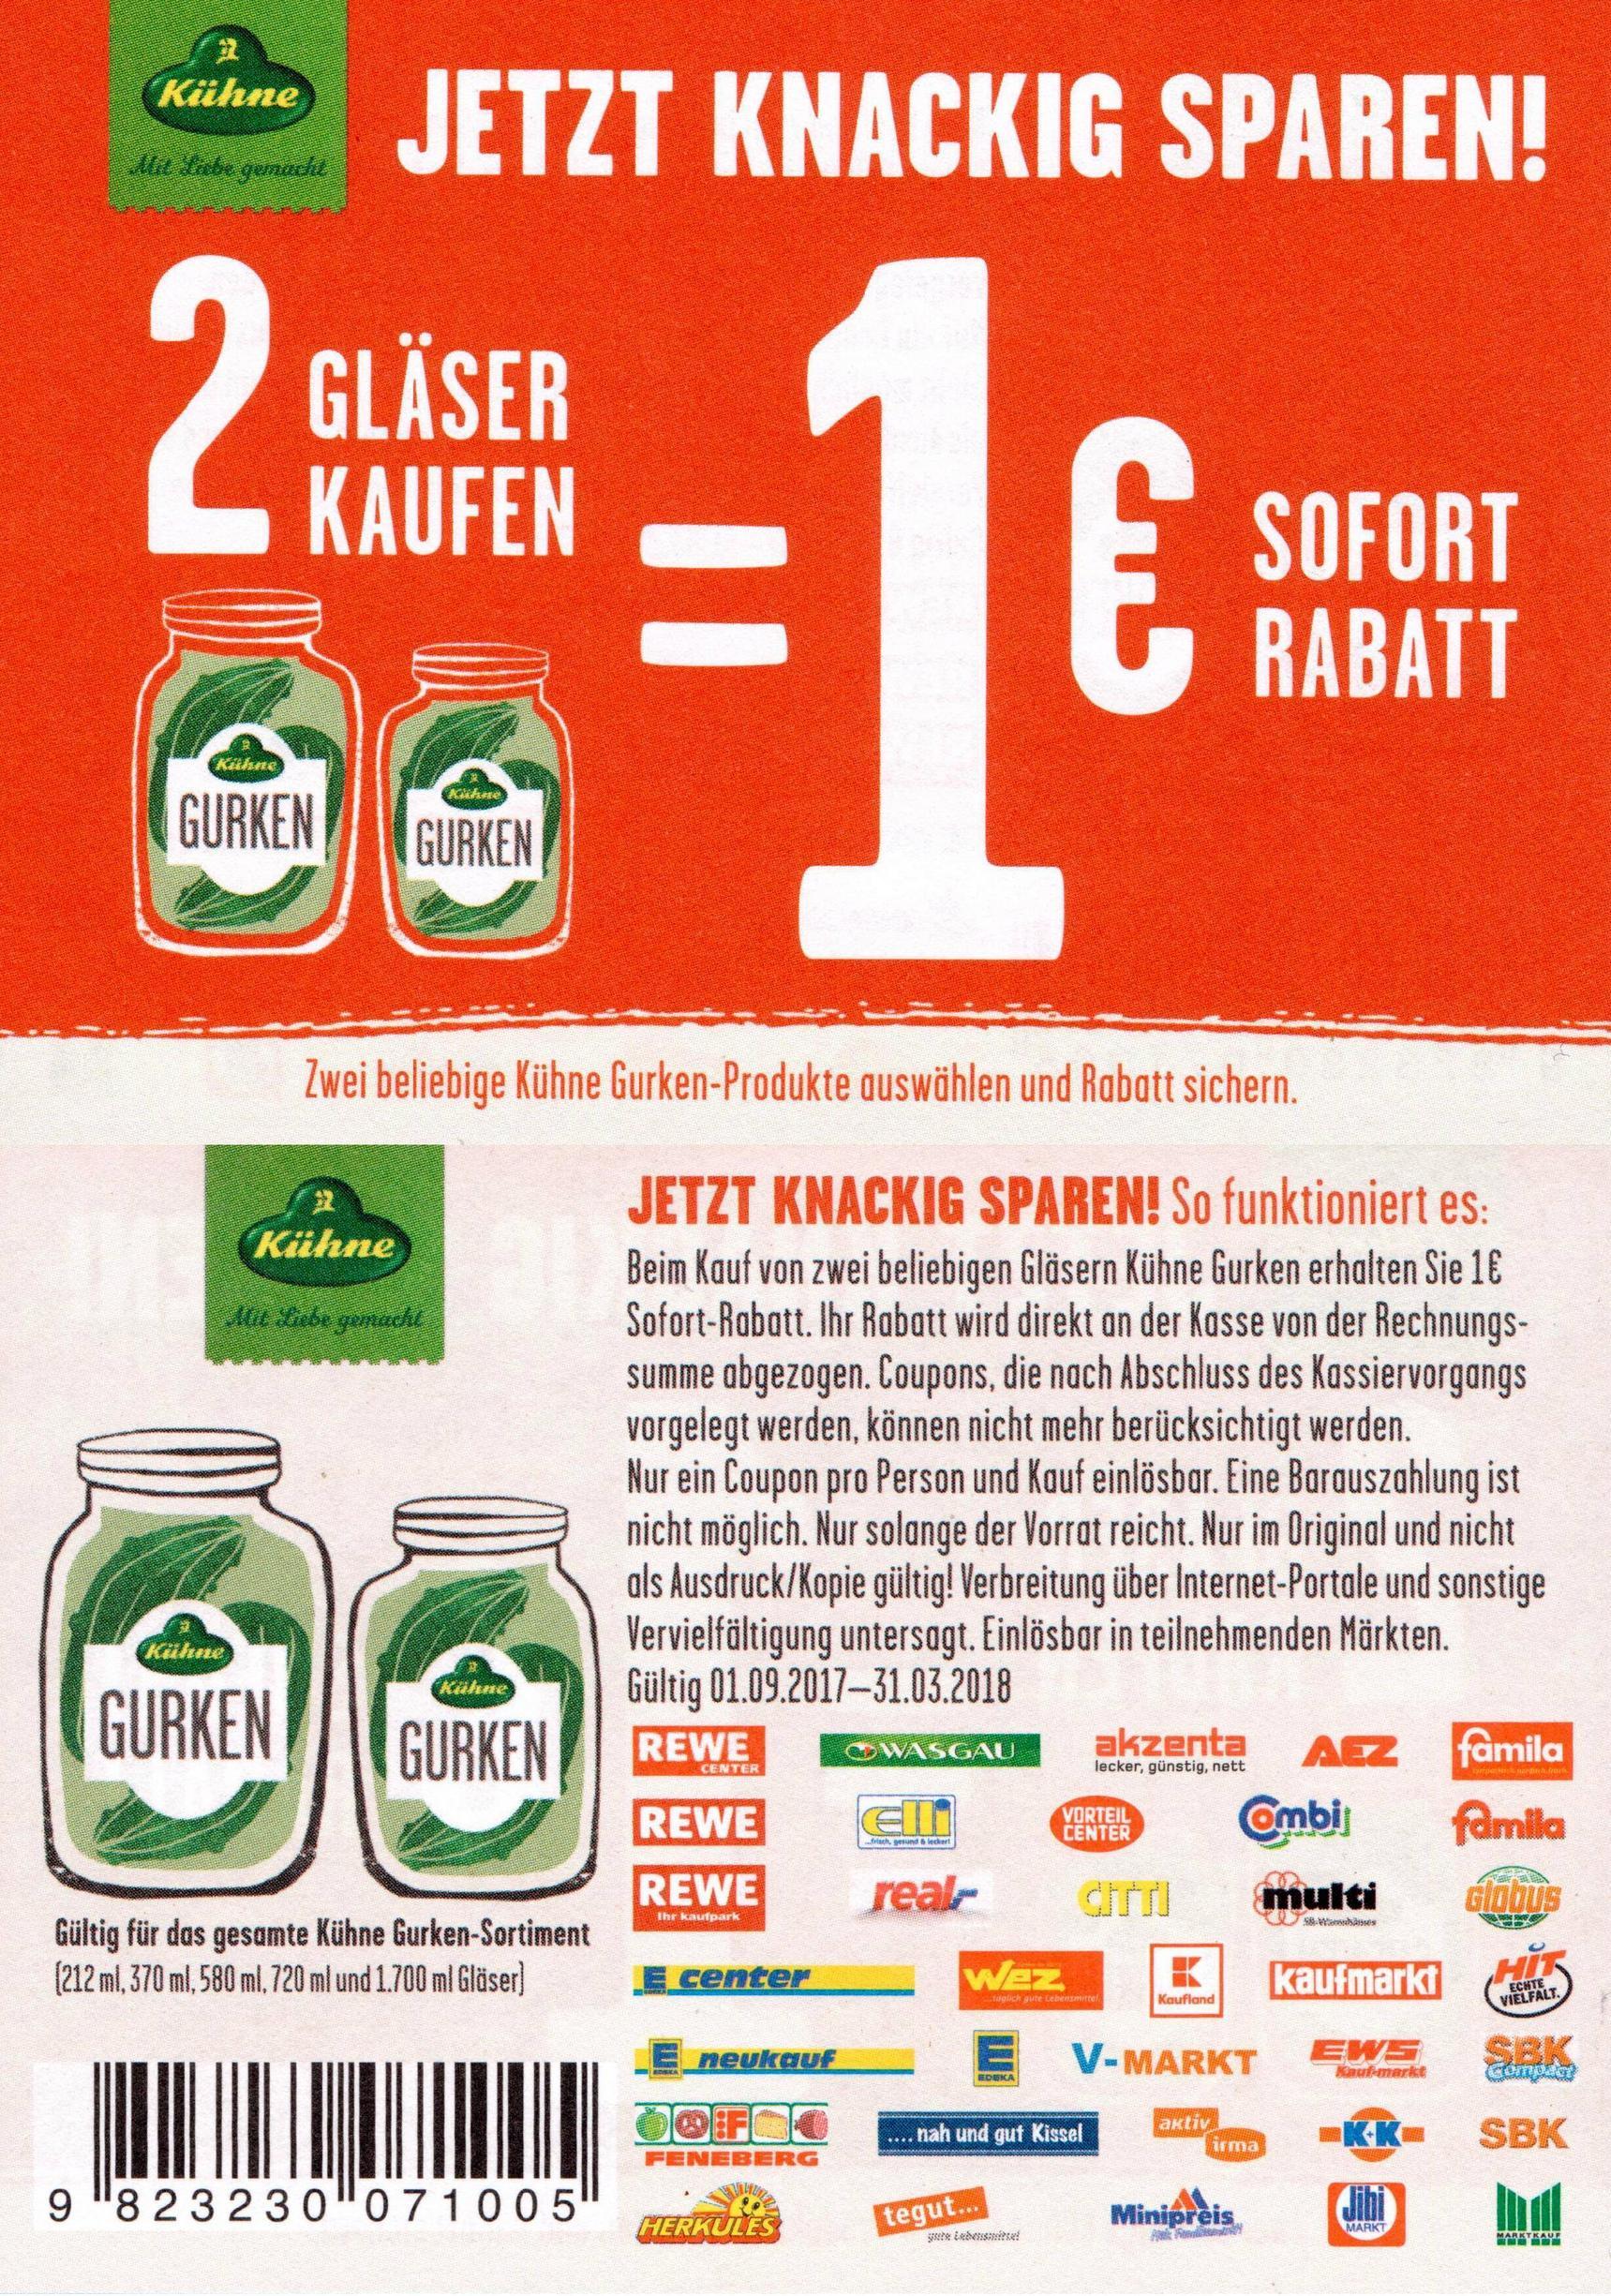 1,00€ Regal-Coupon für 2x Kühne Gurken (alle Gurken-Produkte) [Bundesweit]